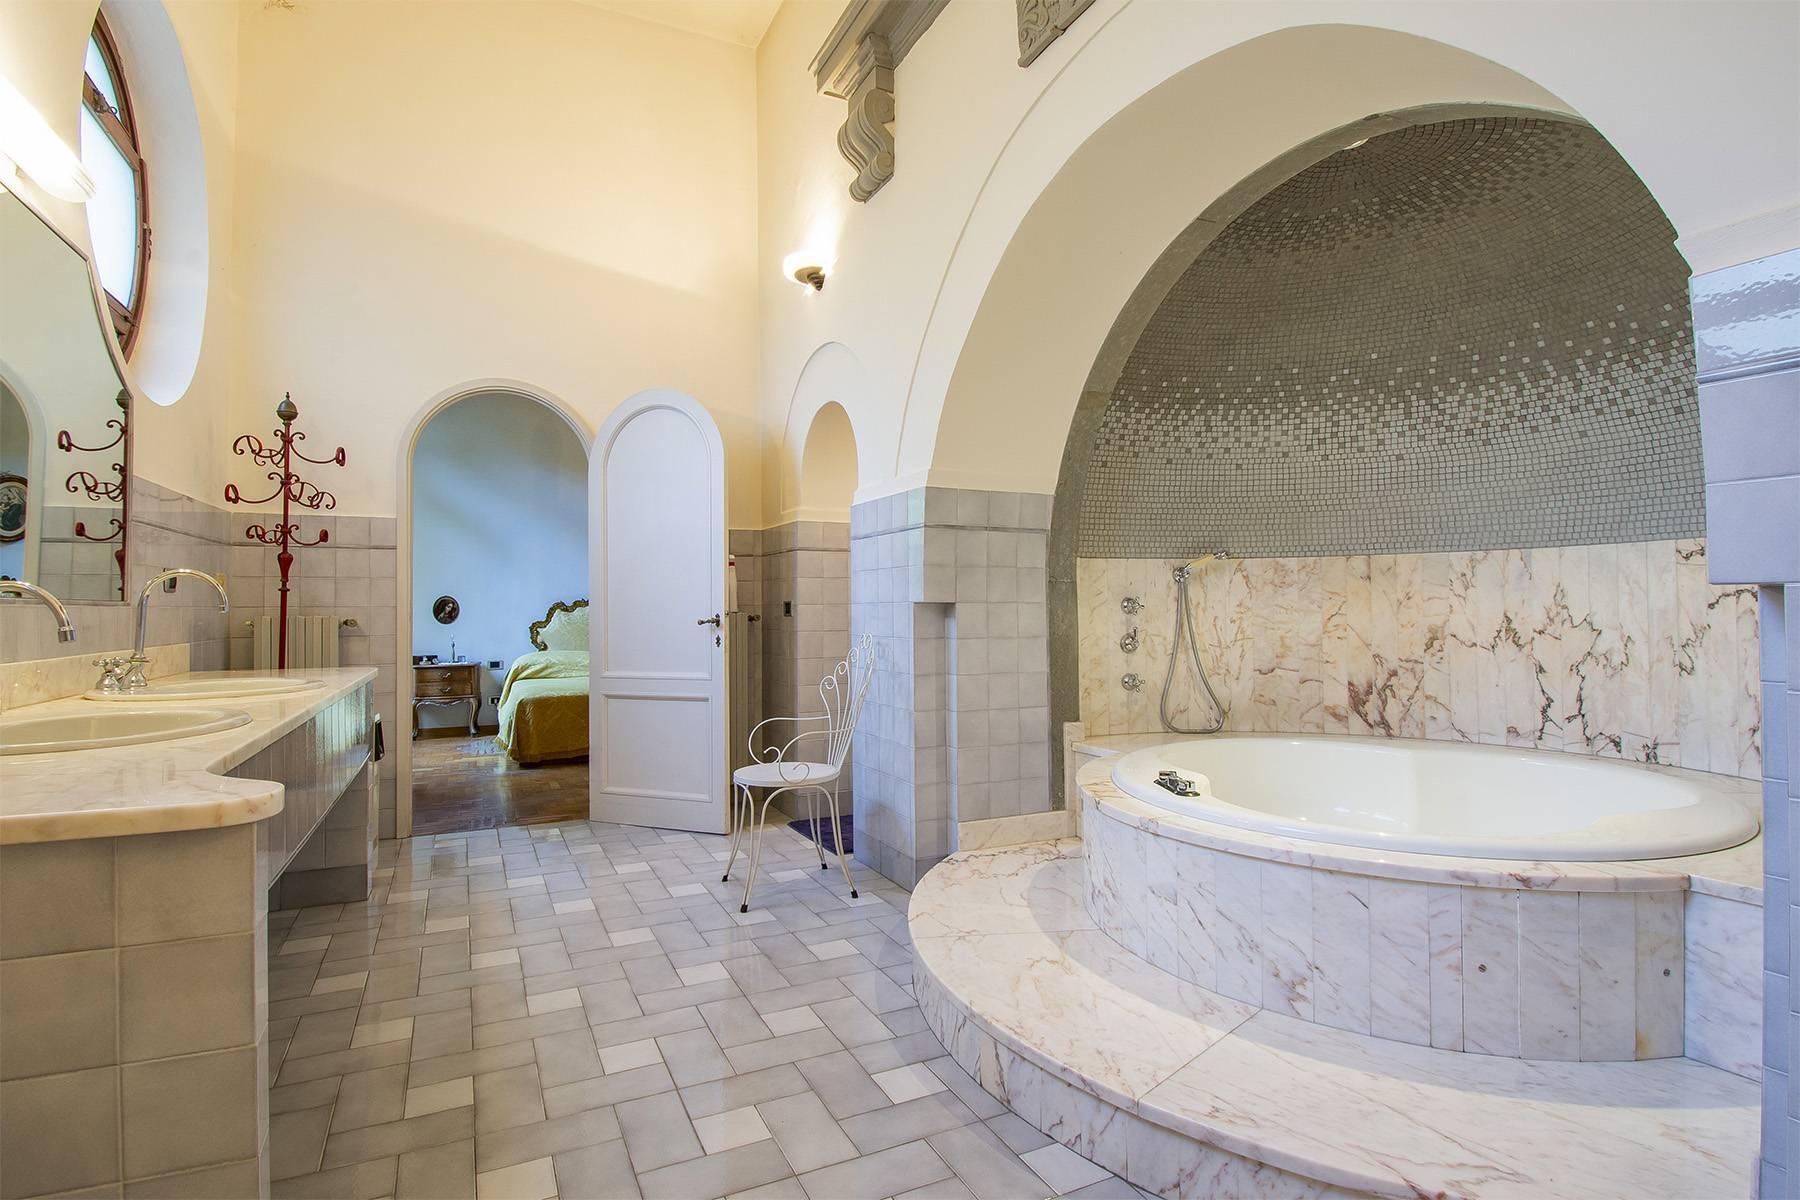 Exquisite apartment in a historic villa - 15